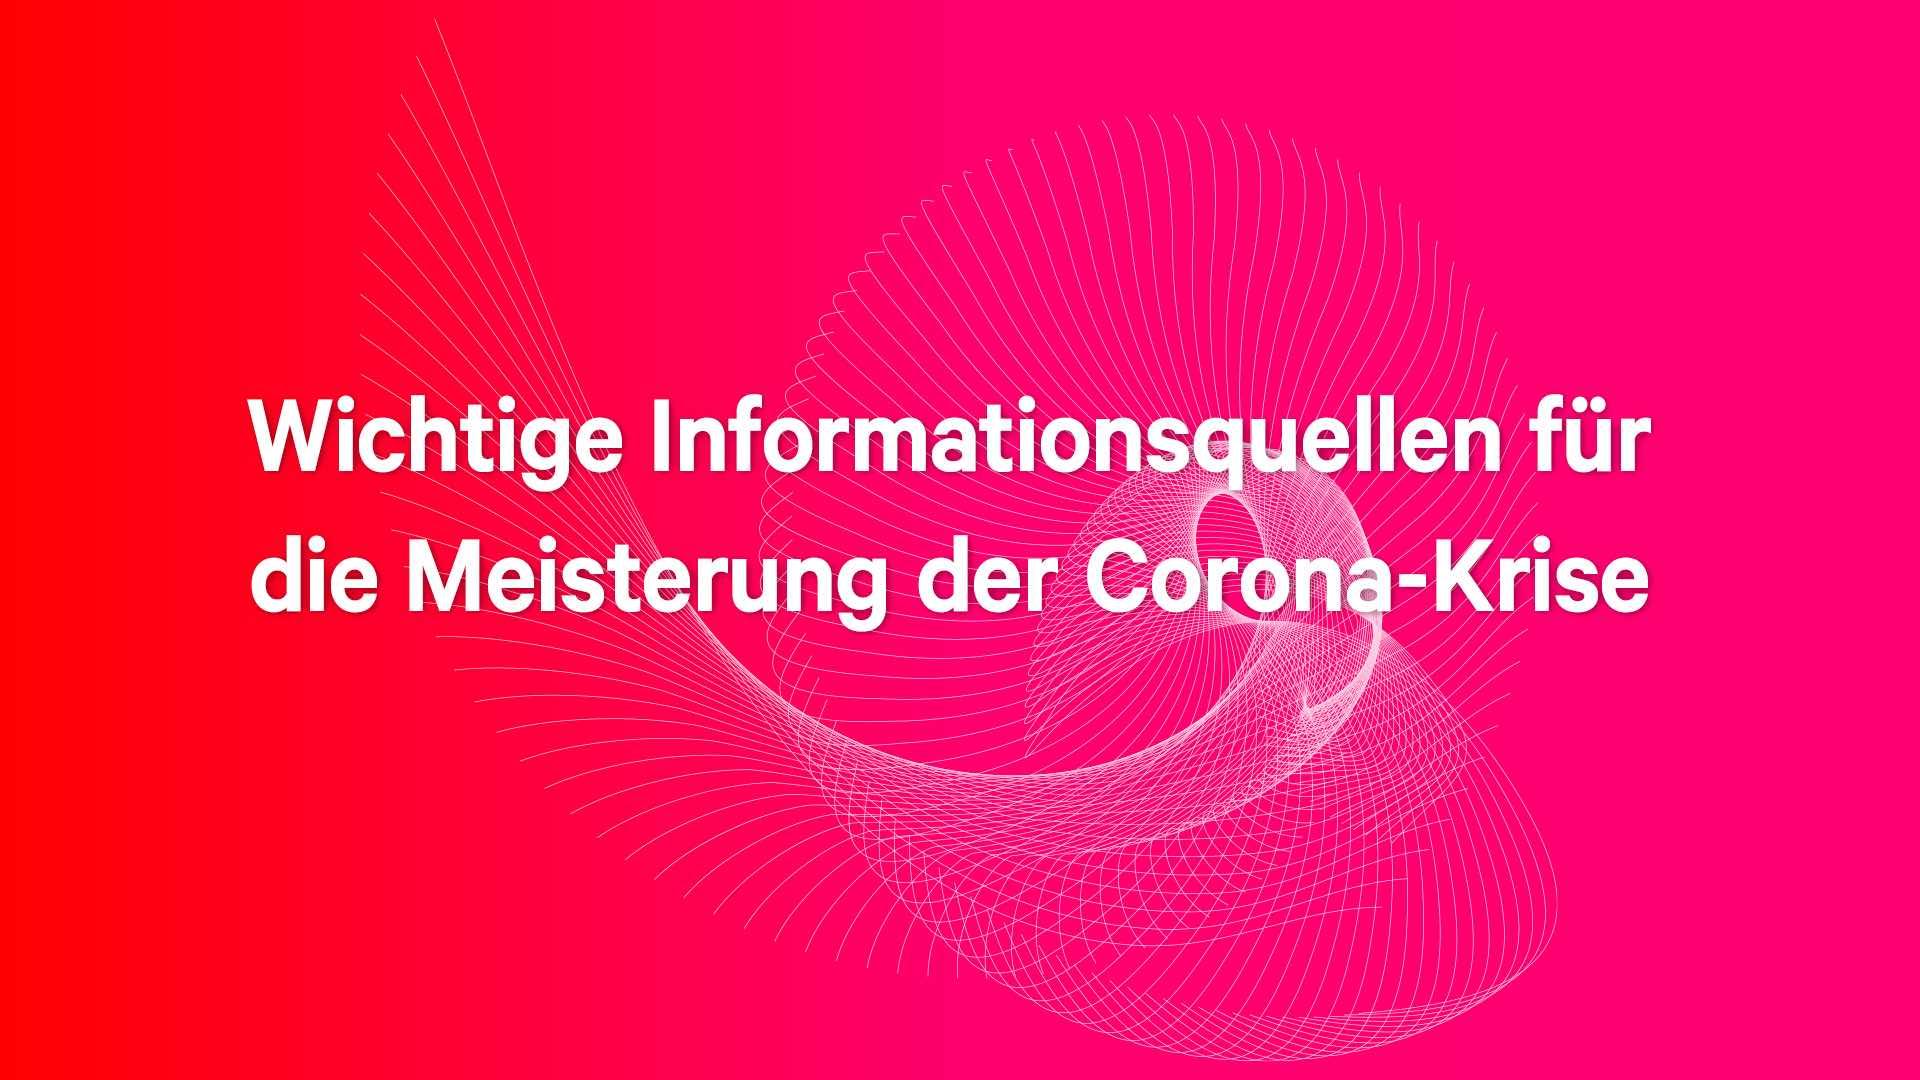 Wichtige Informationsquellen zu Corona